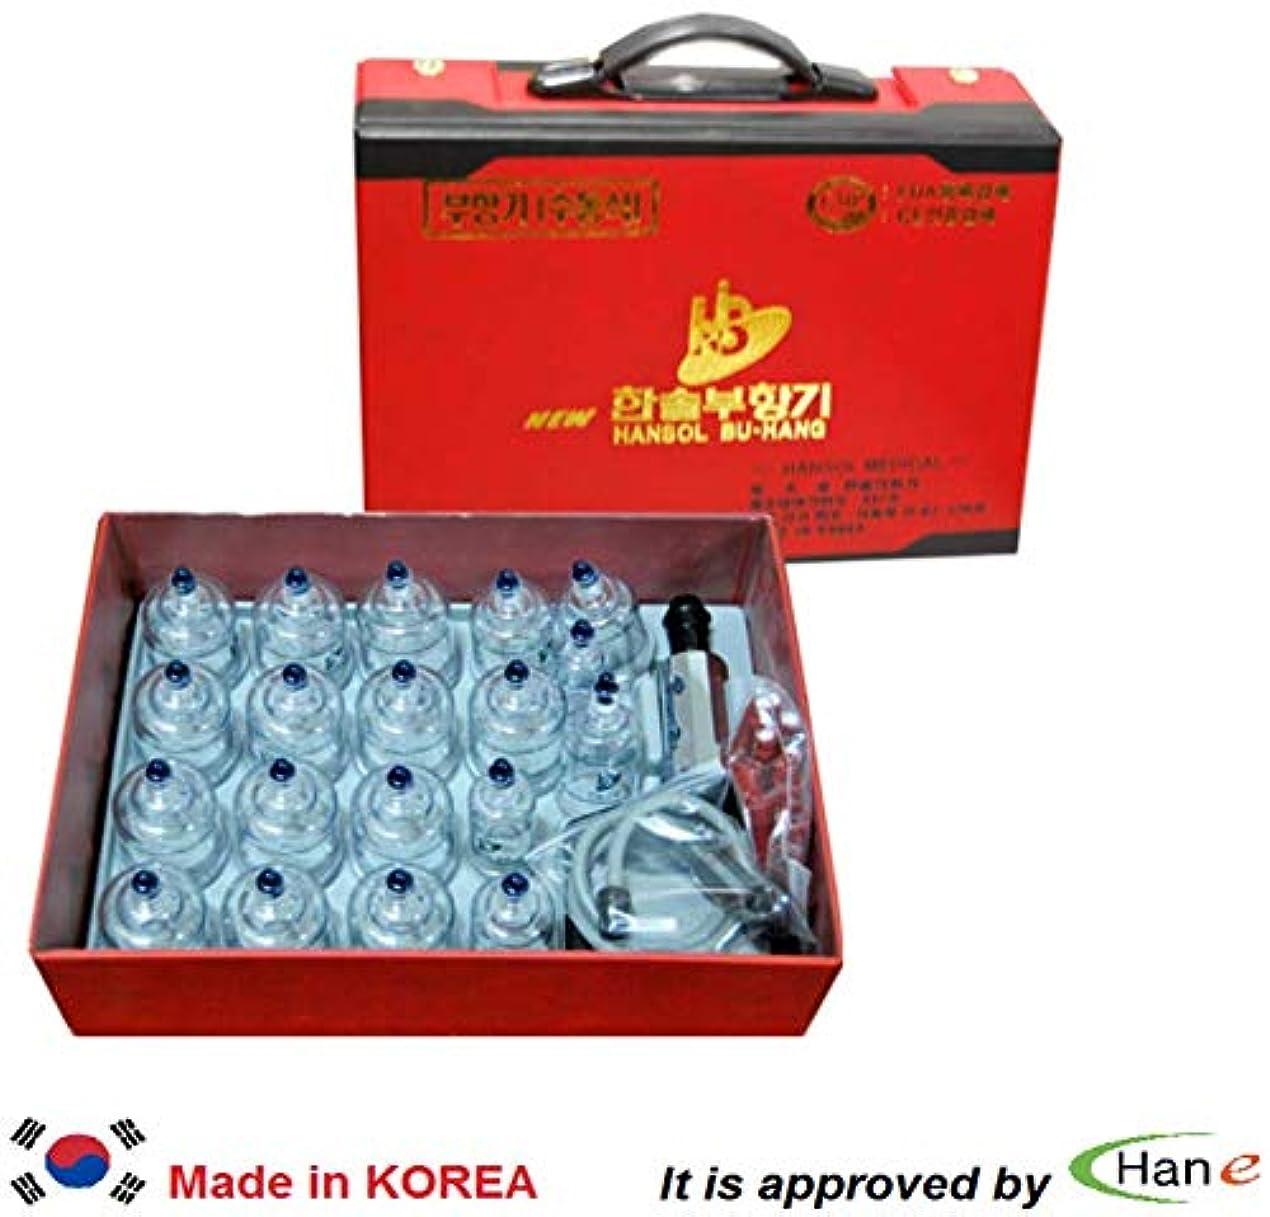 拒絶ポンドゴシップ韓国カッピングセット19カップハンディケース付属カッピングマッサージ真空吸引